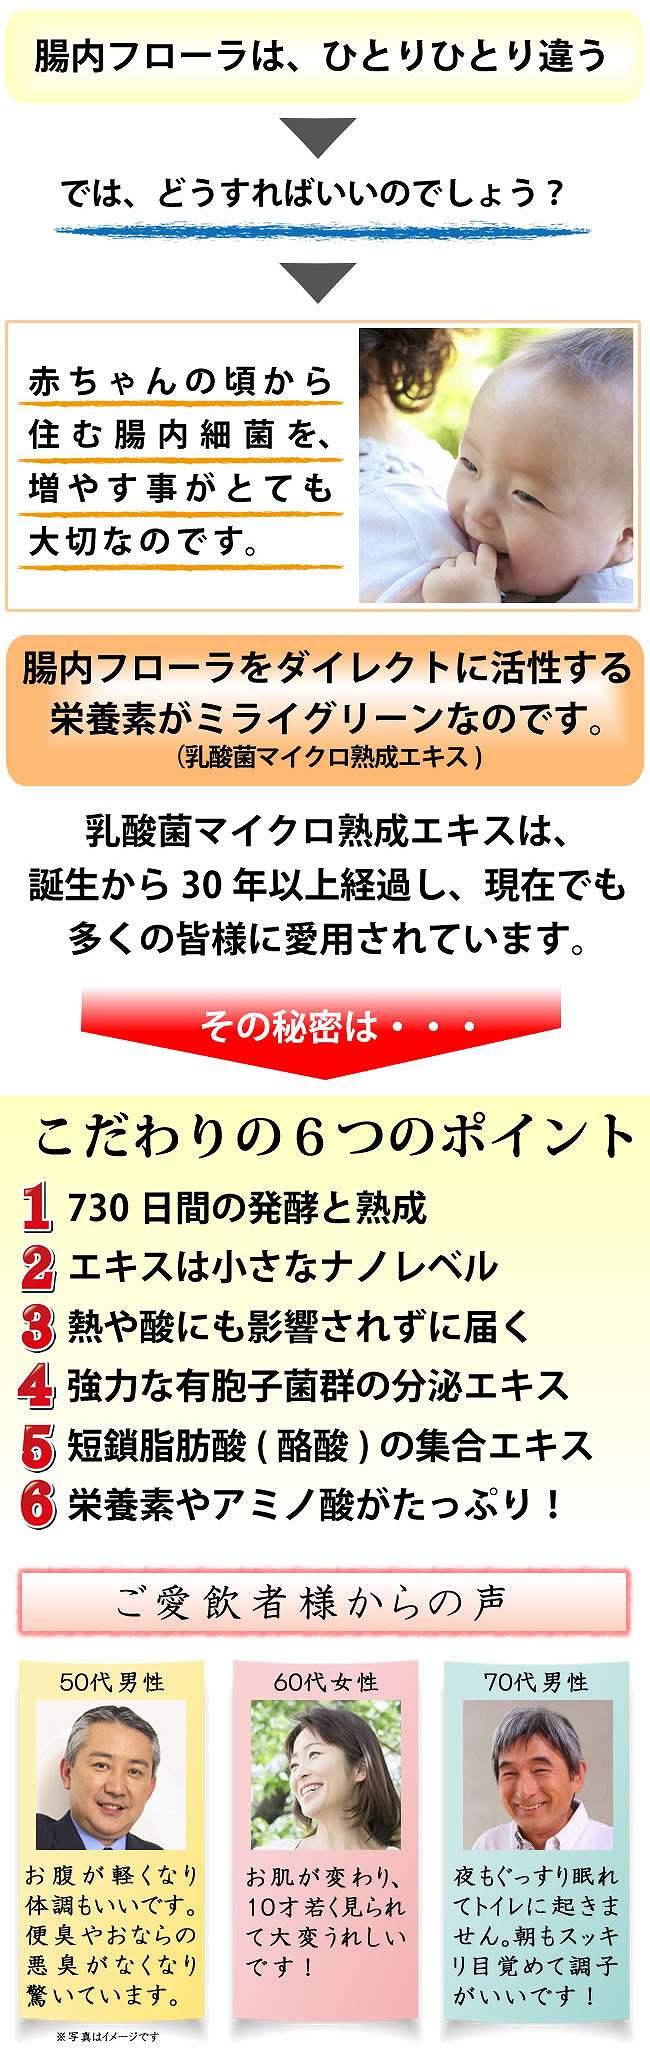 ミライグリーン4-2